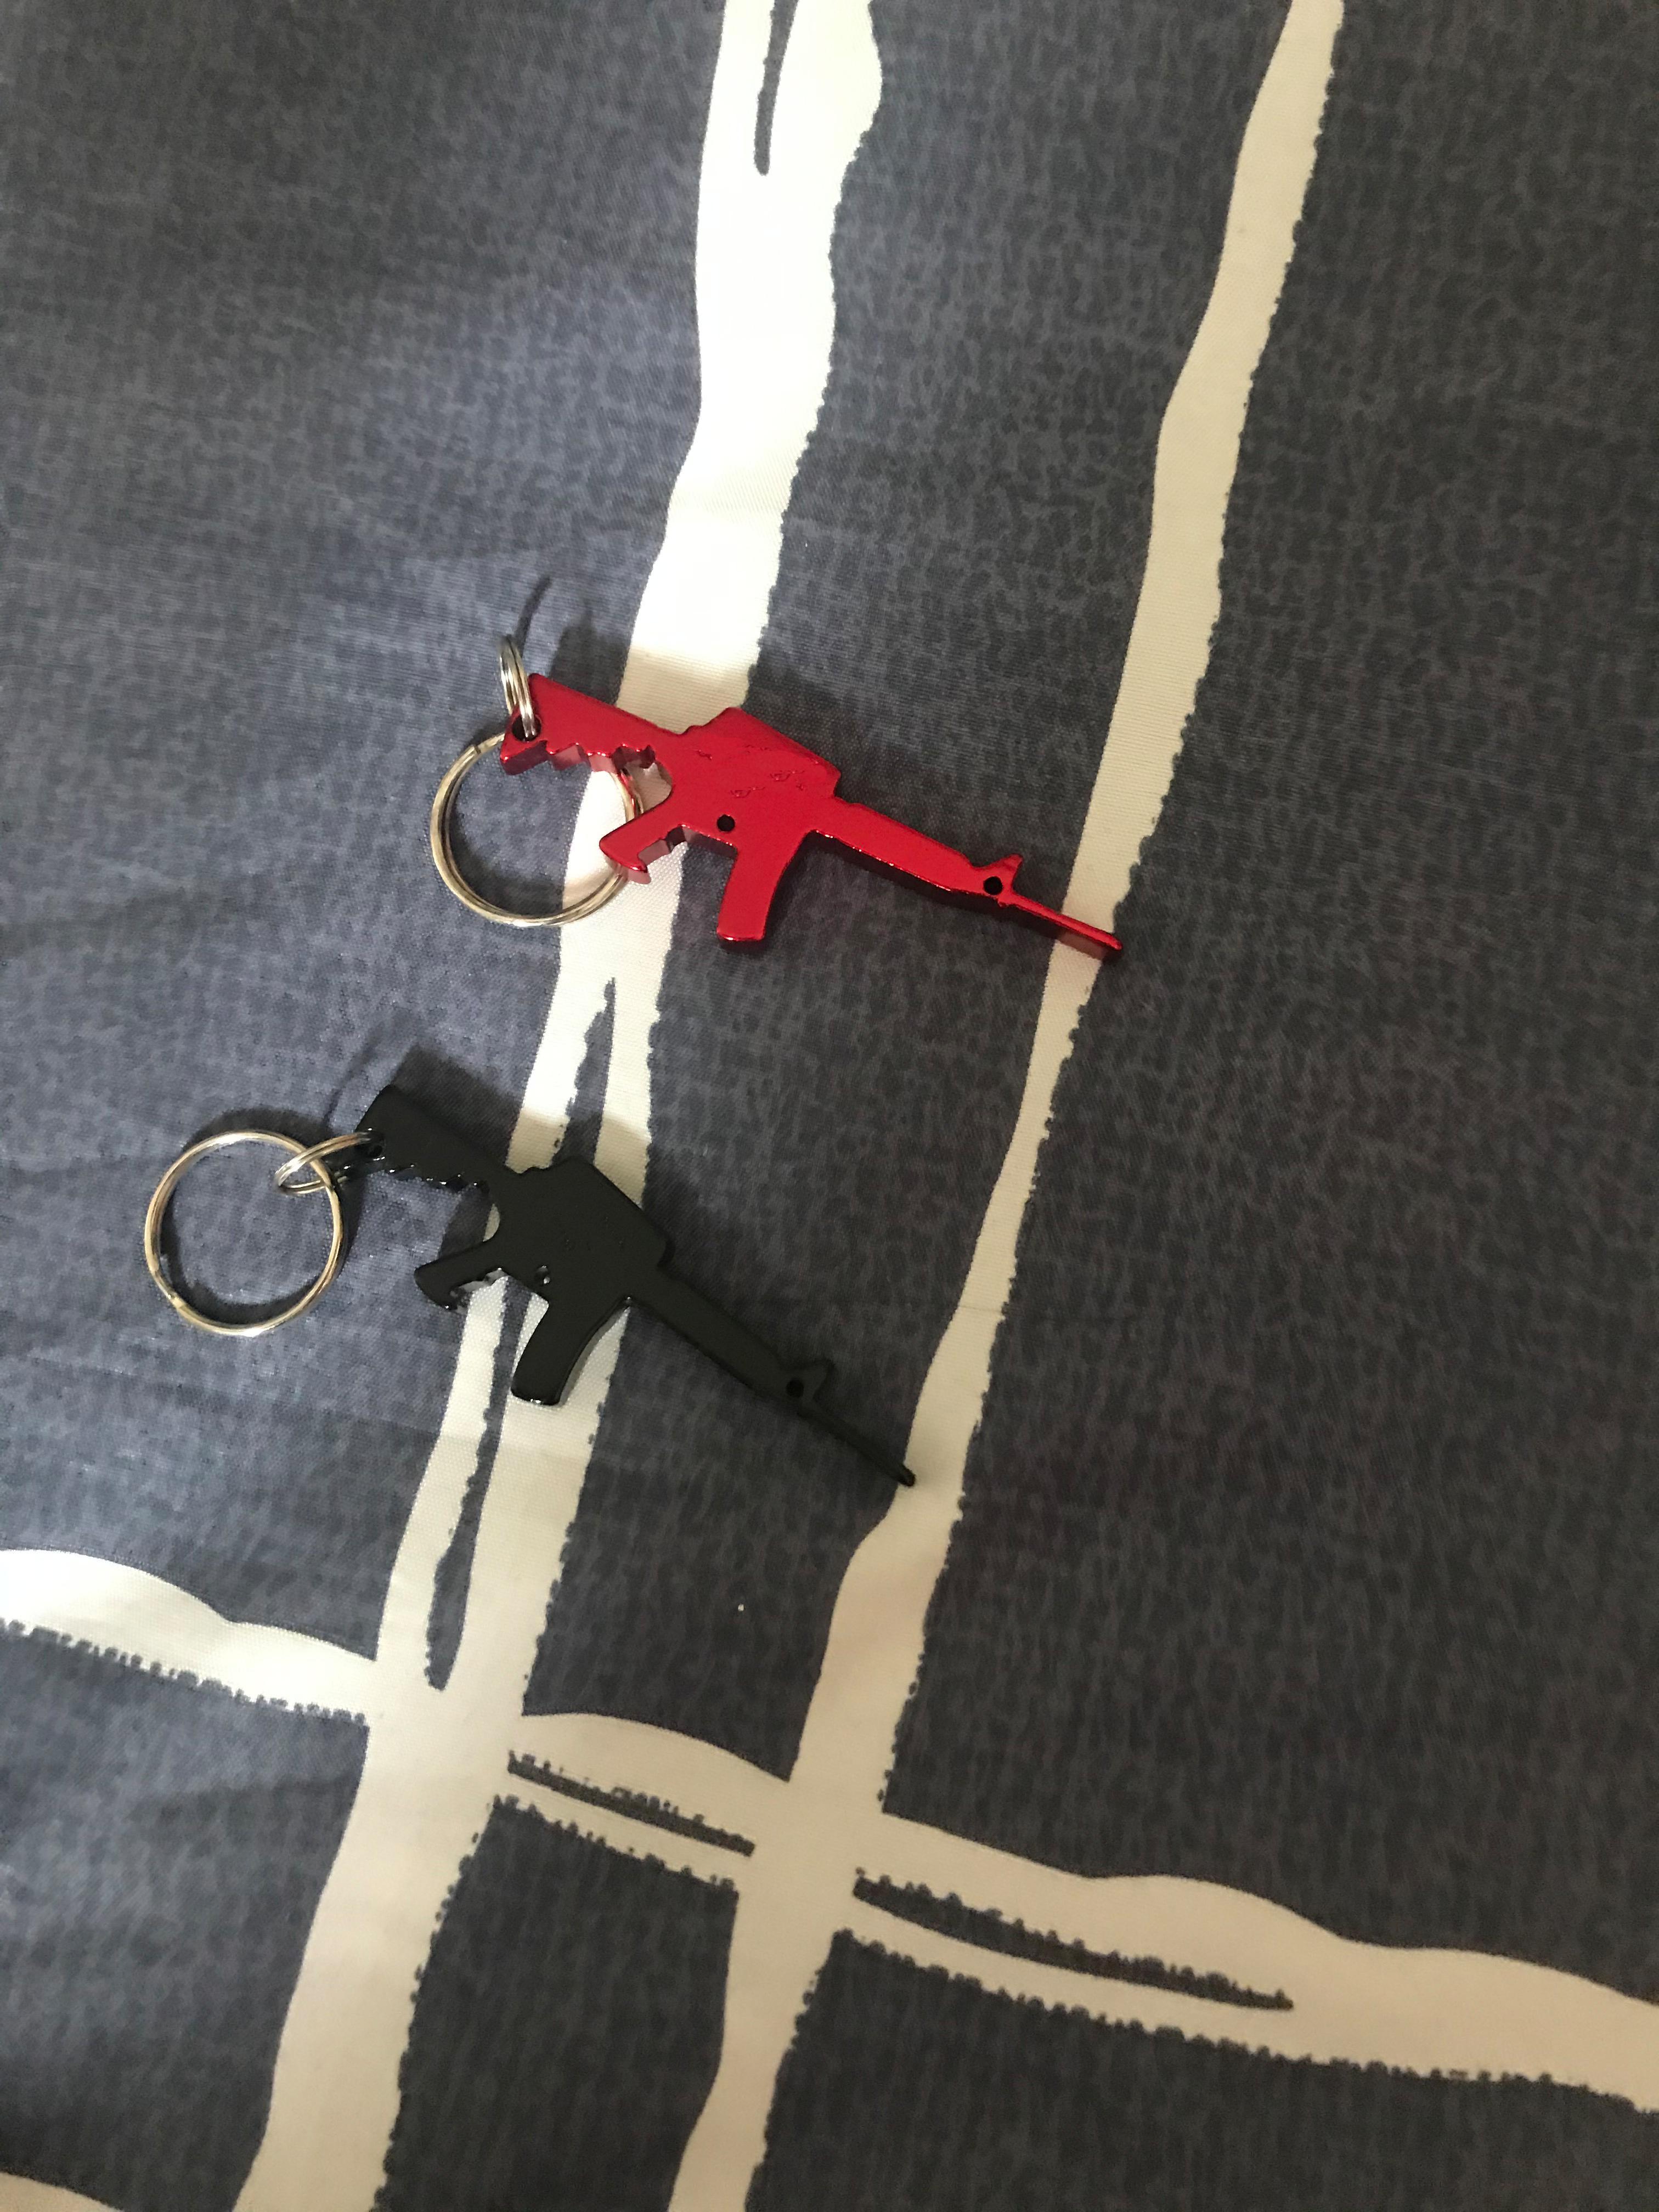 Abridor de garrafa de moda chaveiro decoração brinquedos 2 cores modelo de brinquedo pingente